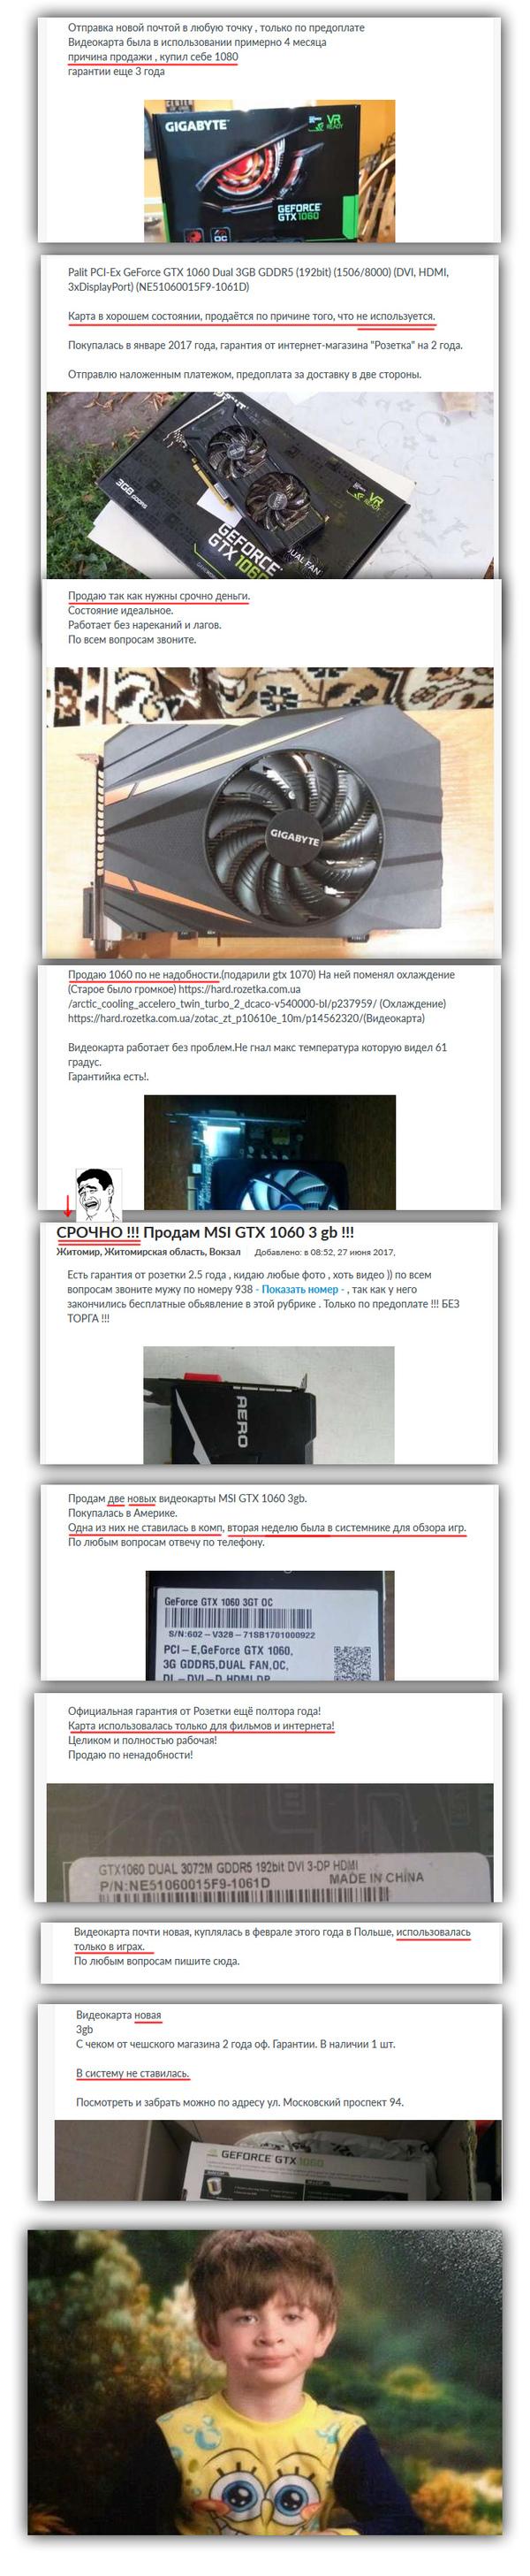 Продам видеокарту, только что купил, в игры не играл, в комп не ставил Майнинг, Mining, Видеокарта, Фэйспалм, Продам гараж, Длиннопост